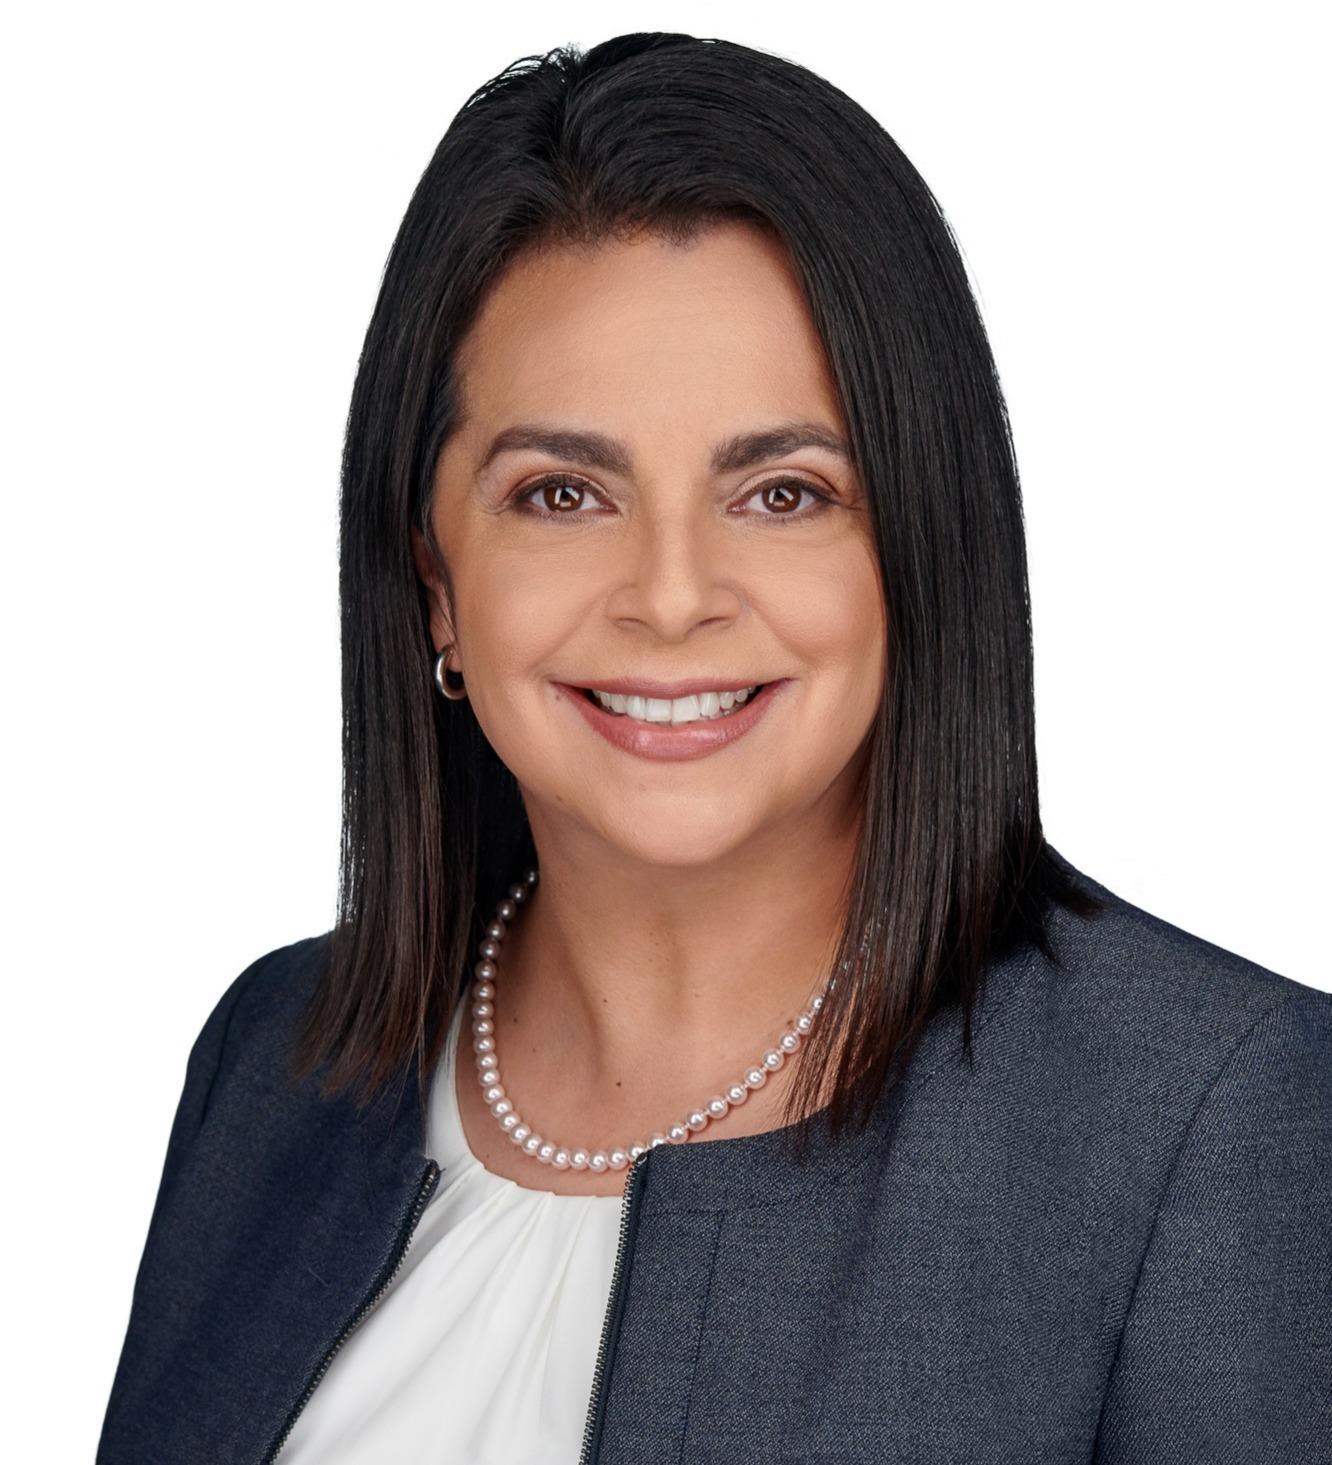 Ruth M. Willars